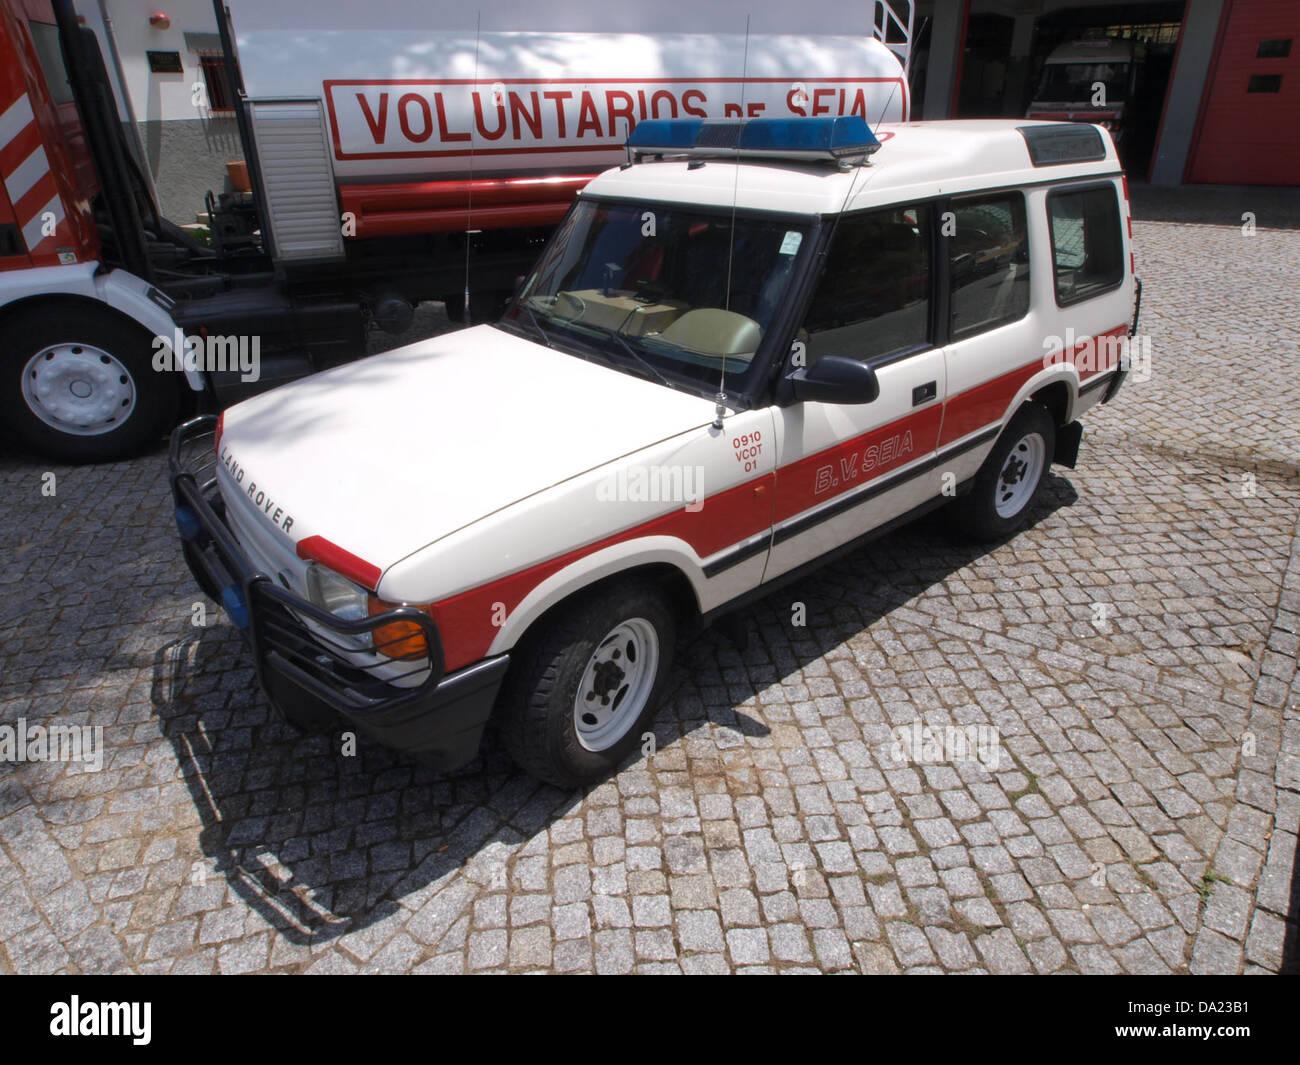 Land Rover, Bombeiros Seia, Unit 0910 VCOT 01 pic1 - Stock Image